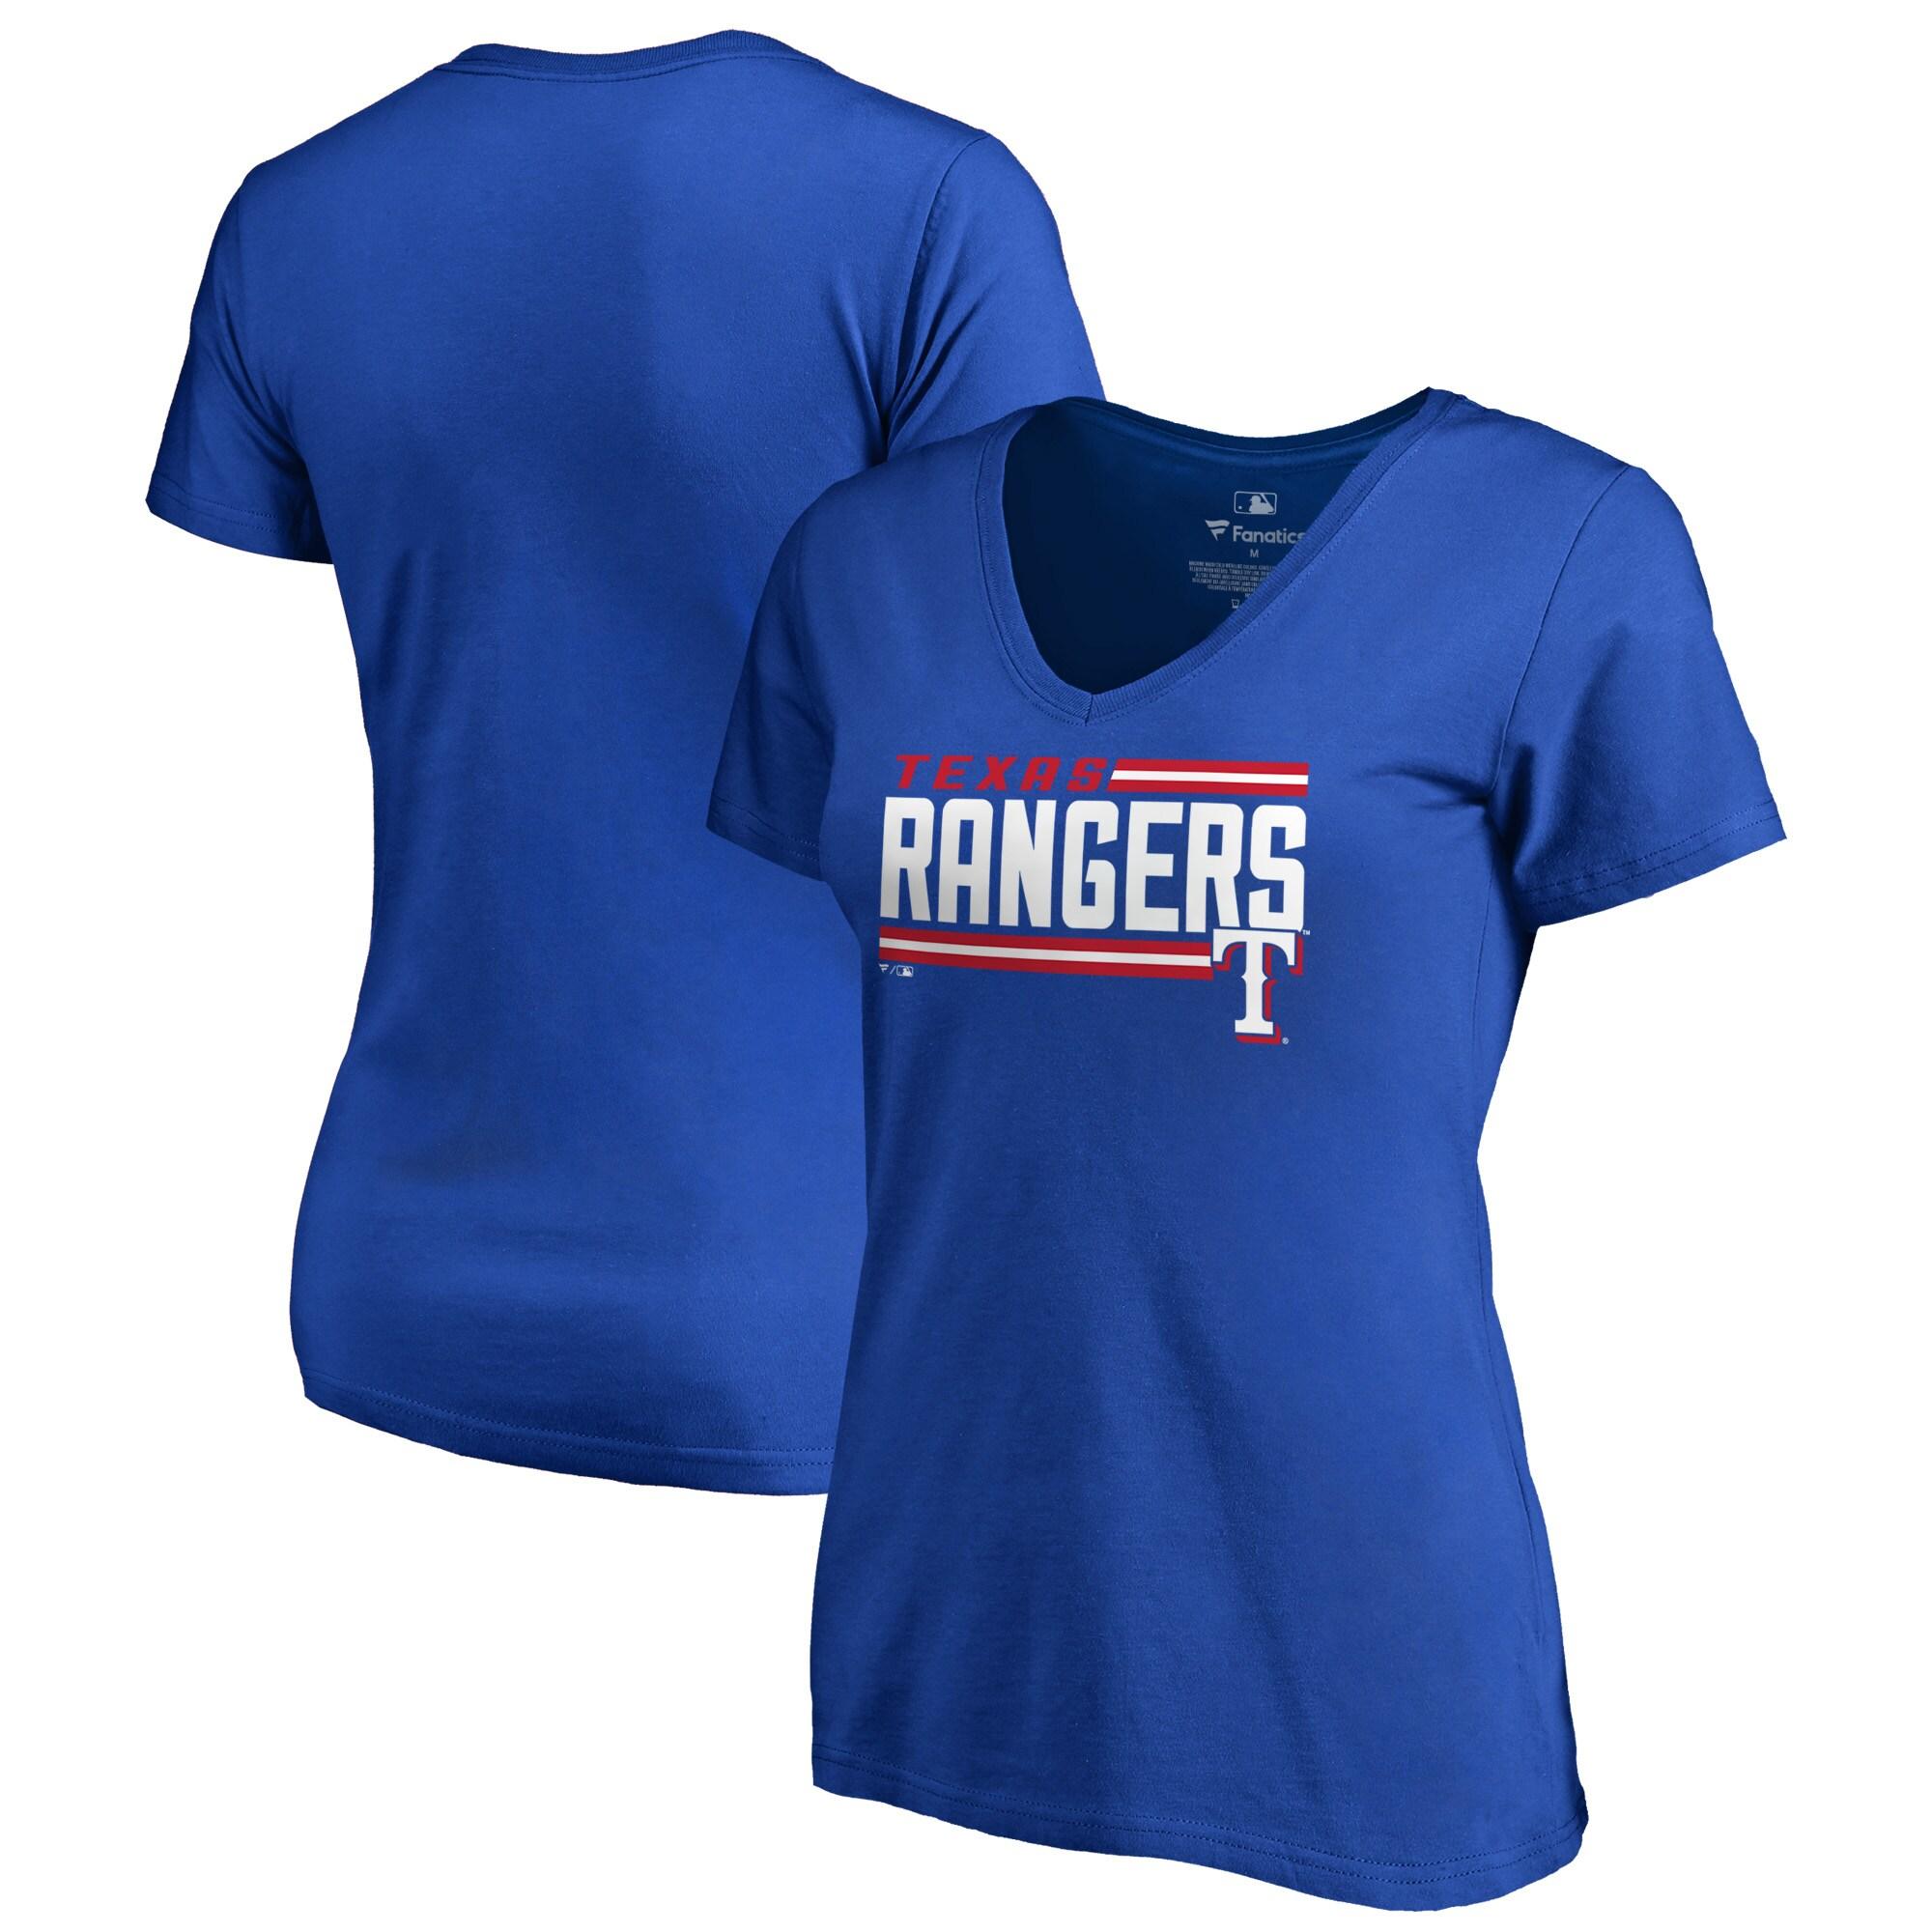 Texas Rangers Fanatics Branded Women's Onside Stripe V-Neck T-Shirt - Royal